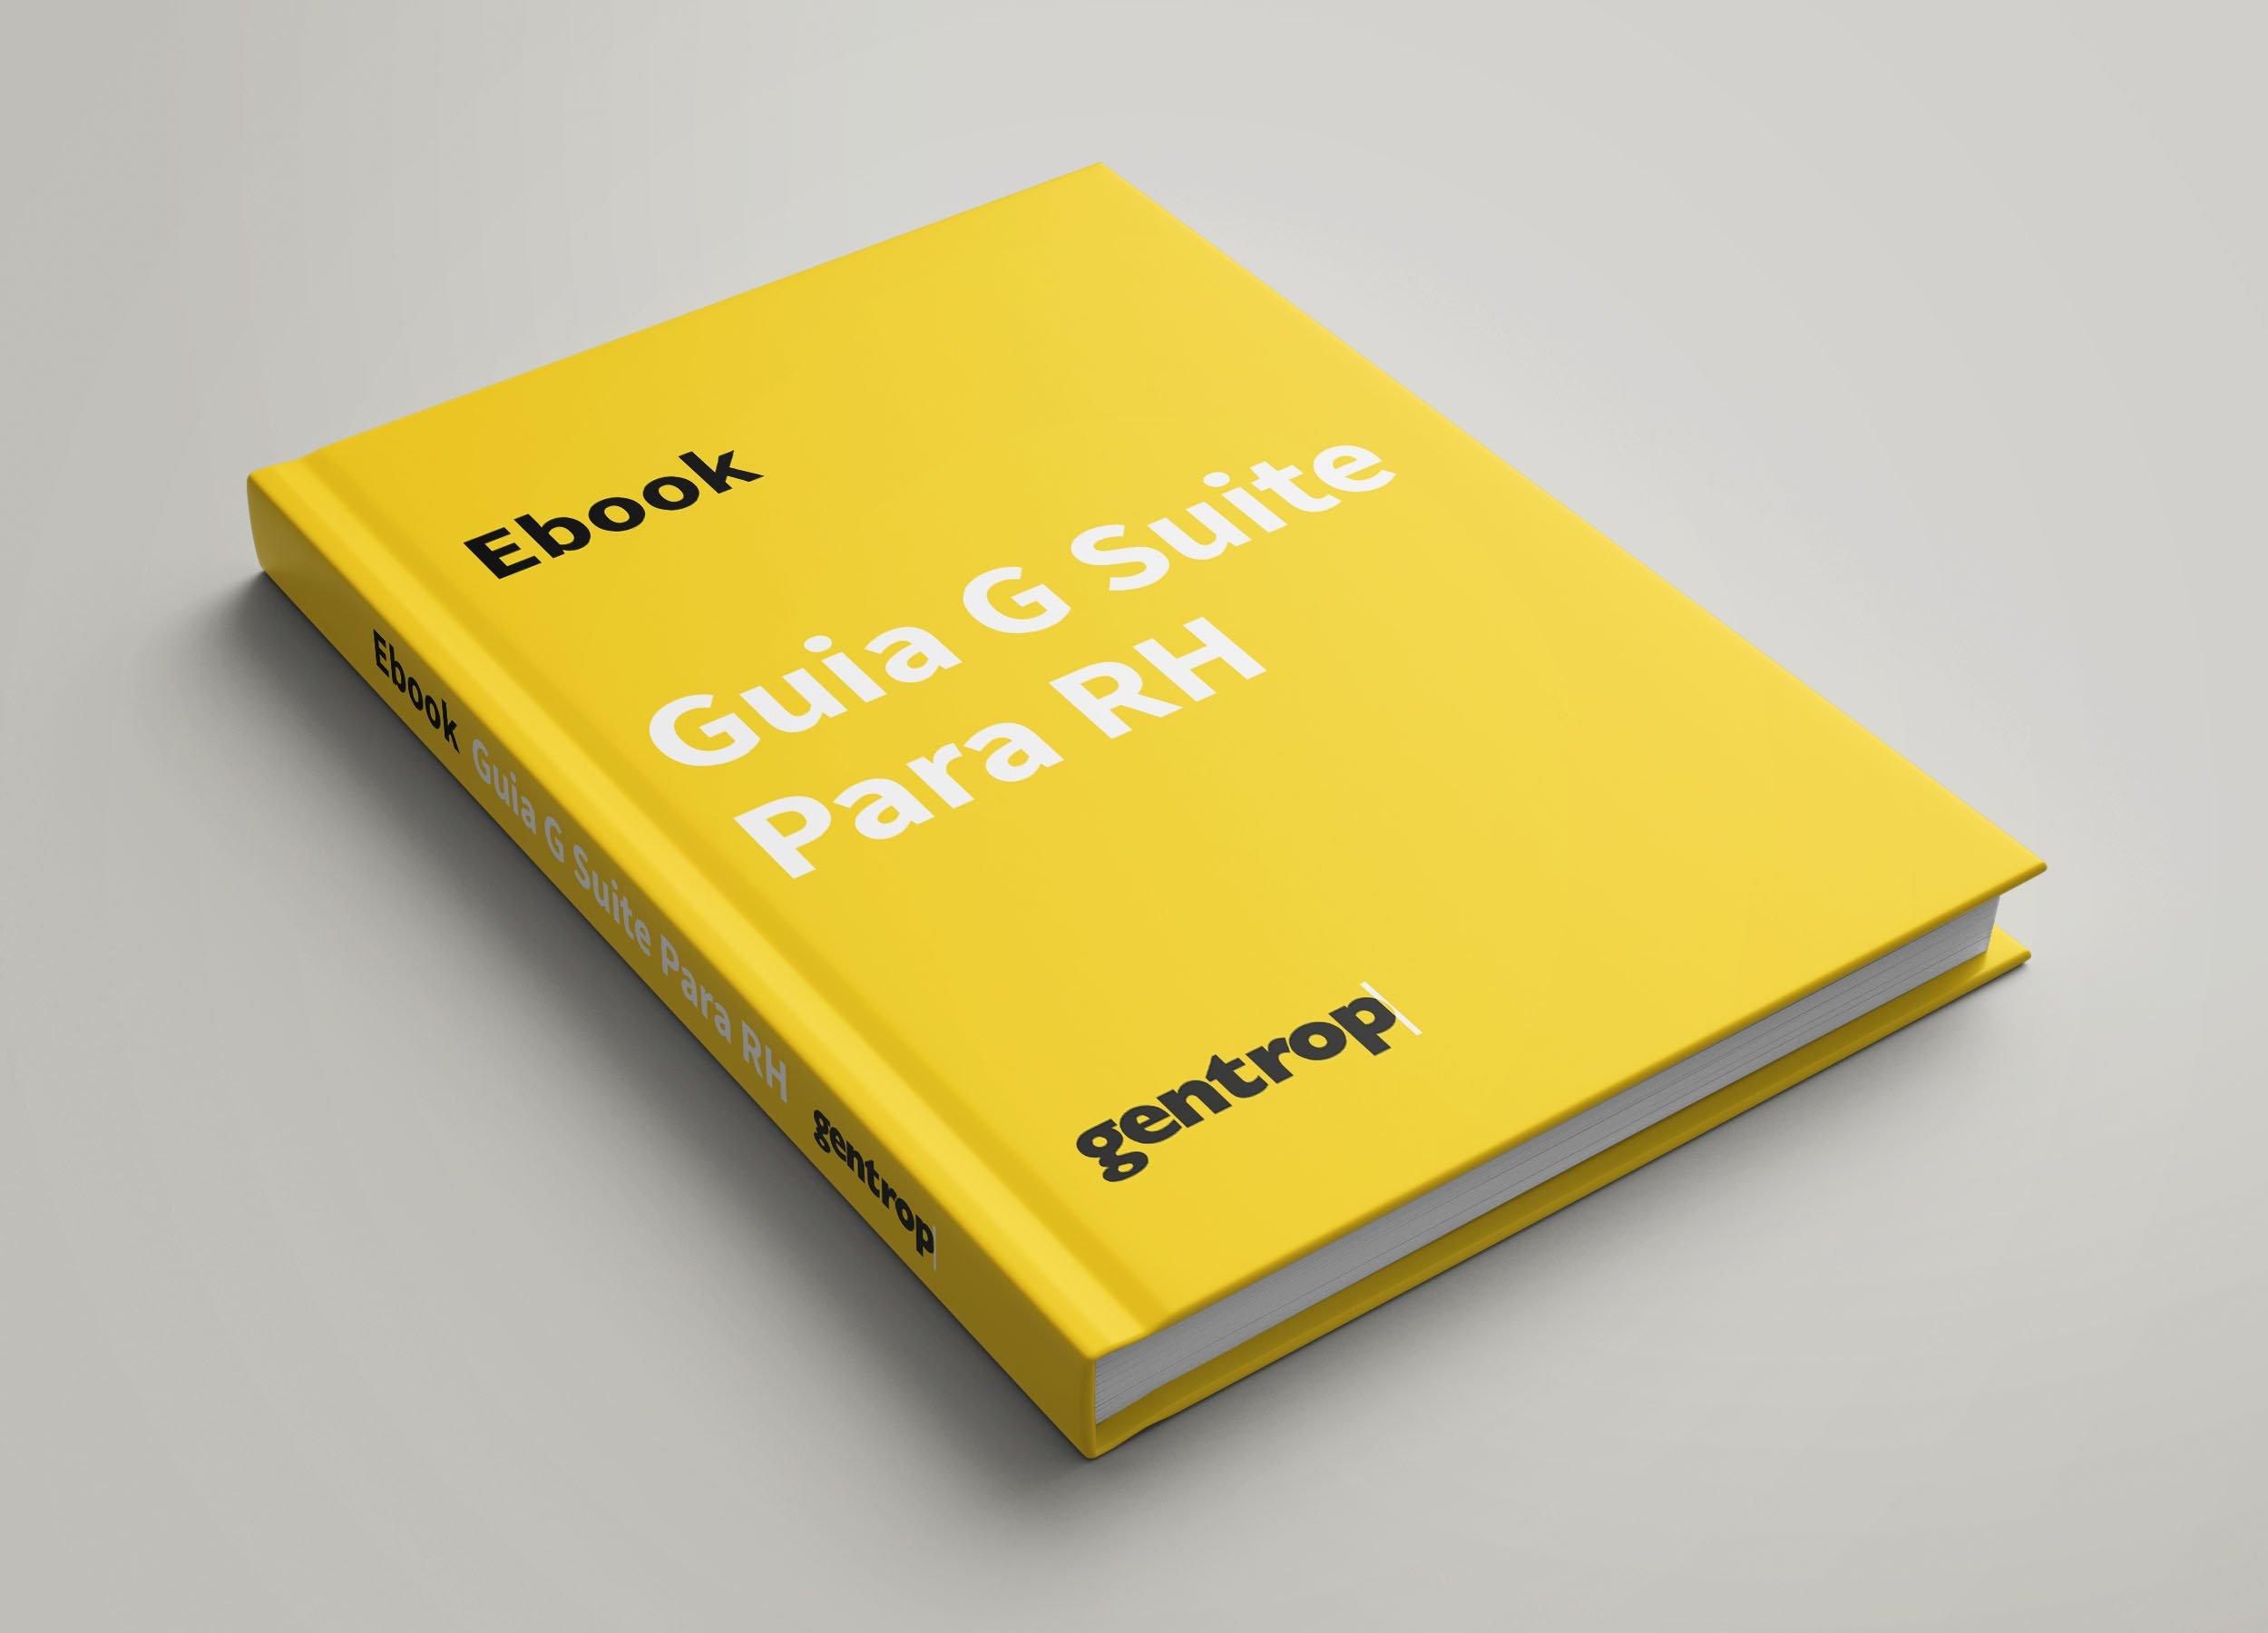 Imagem de um livro amarelo em em cima de uma mesa com o título: Ebook Guia G Suite para RH. Embaixo o logo da Gentrop.